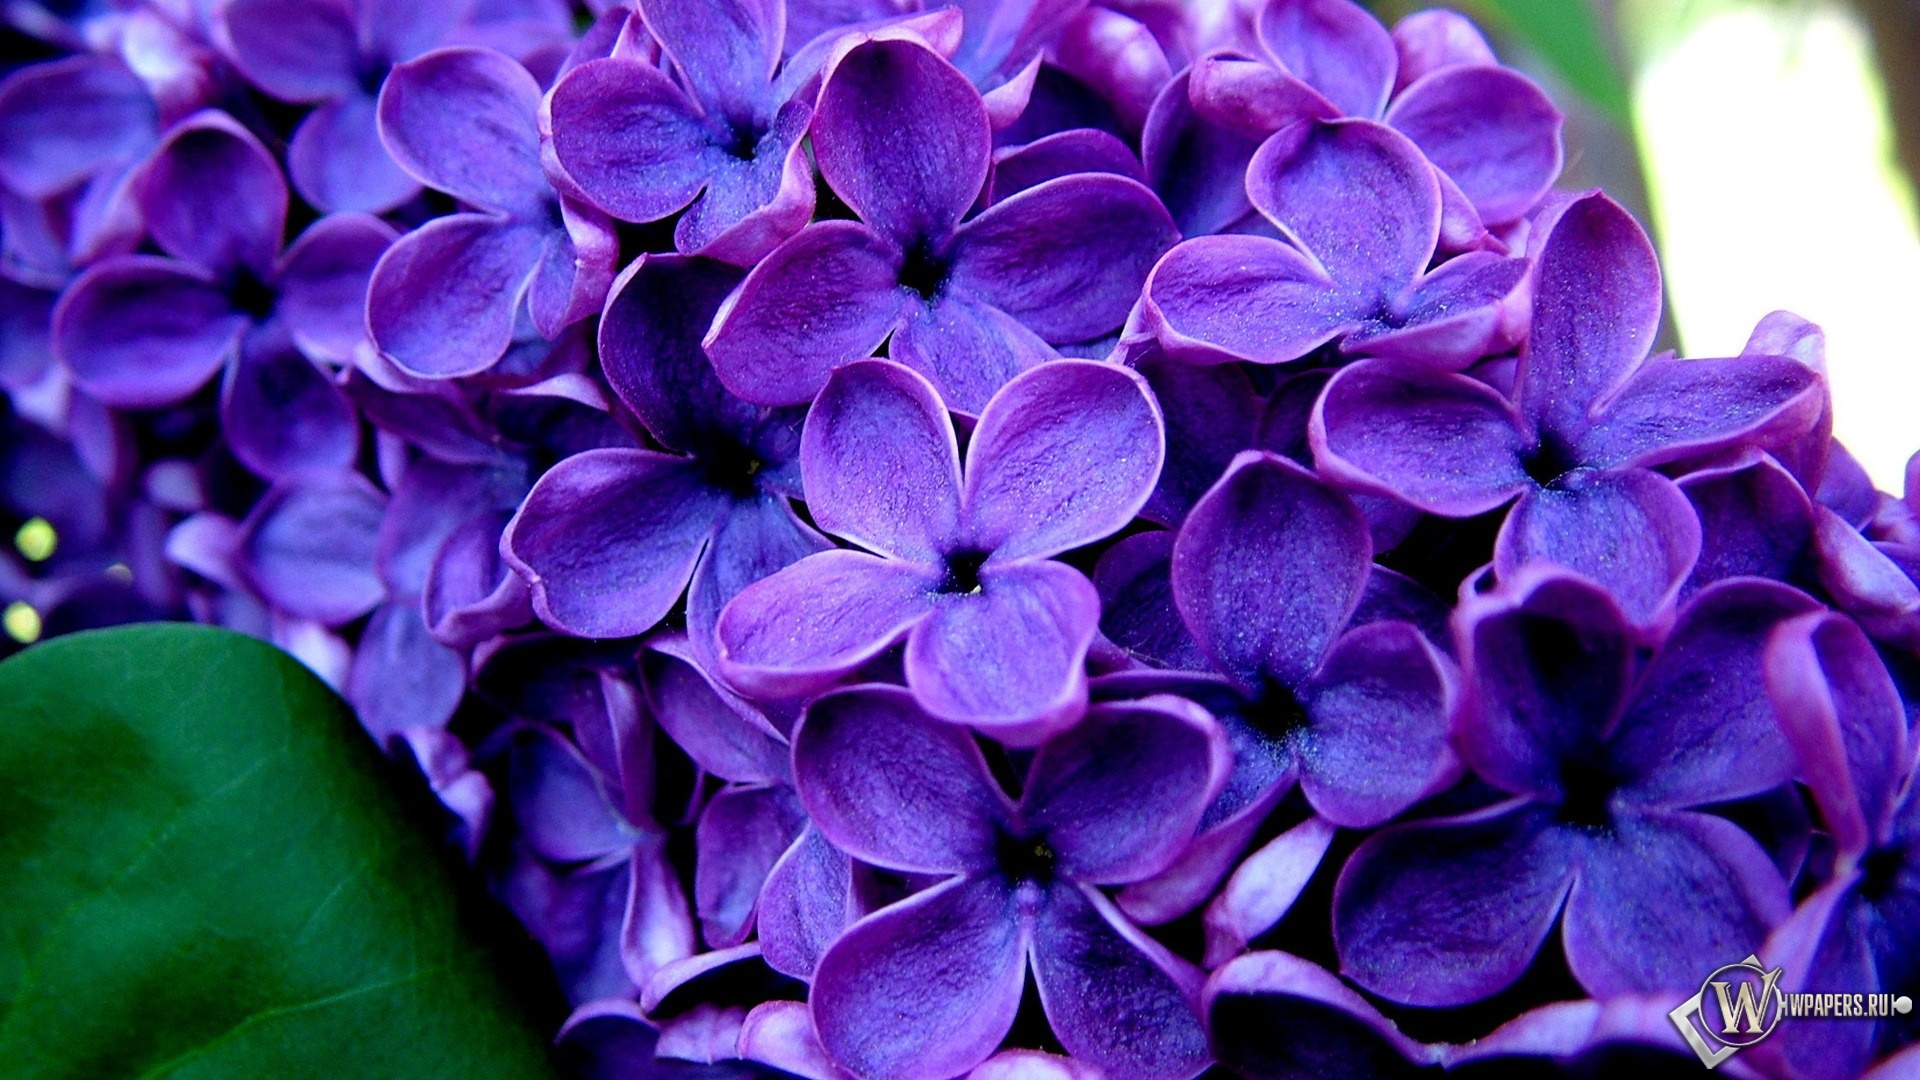 Великолепные фиолетовые цветы  1920x1080